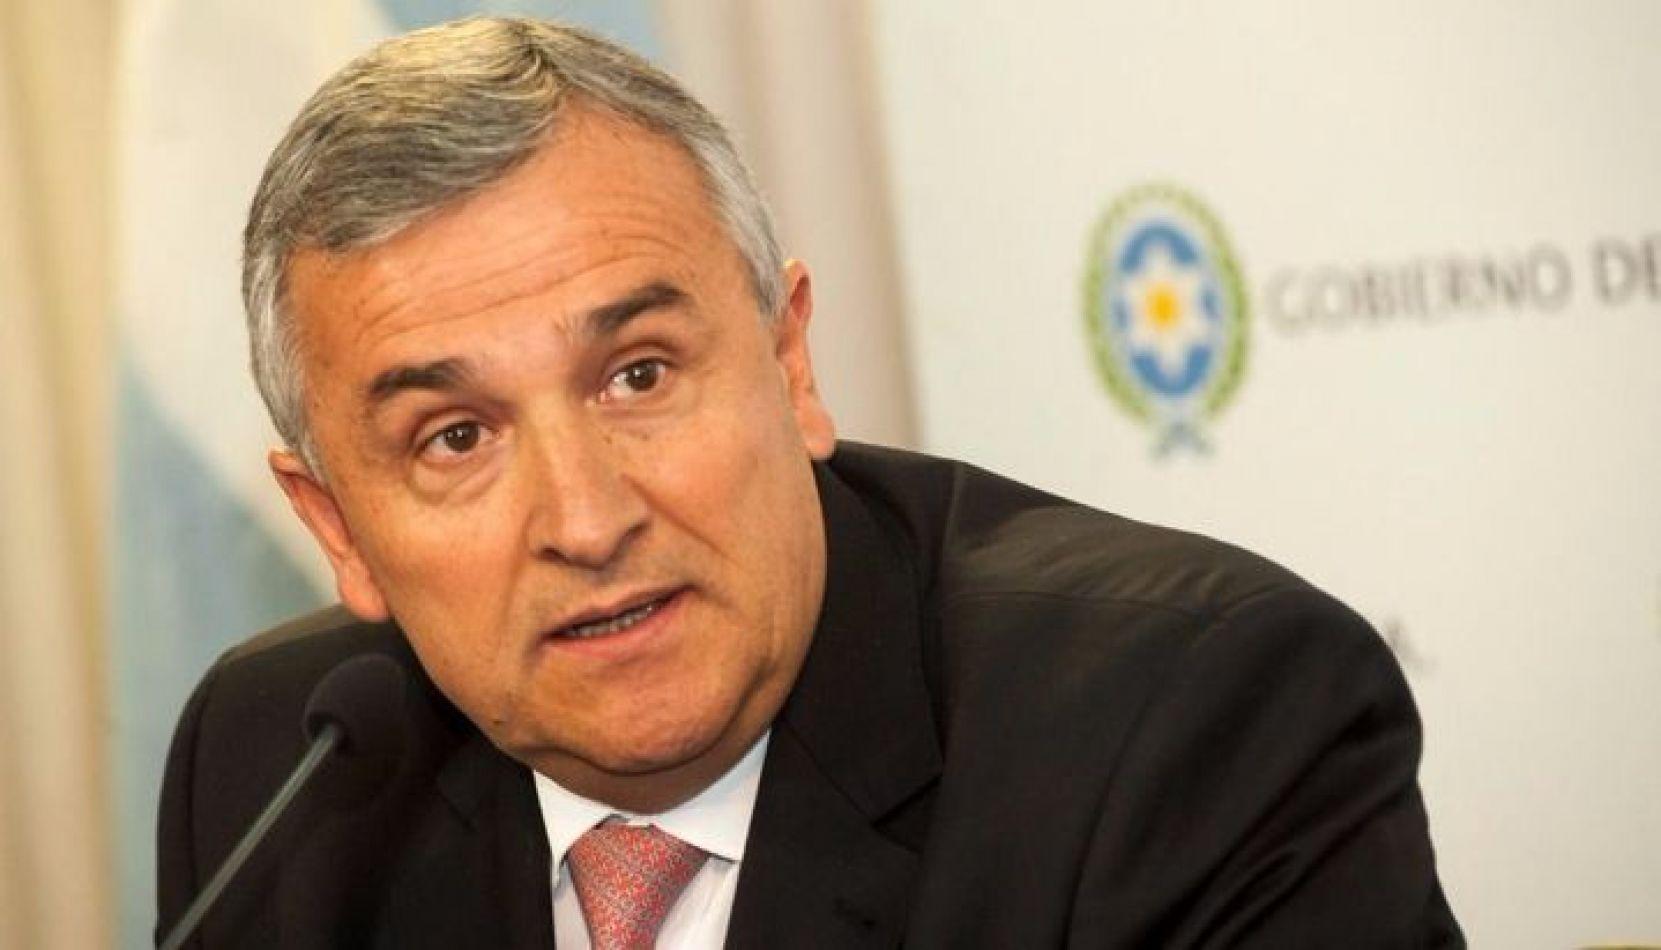 Gobernador de Jujuy Gerardo Morales